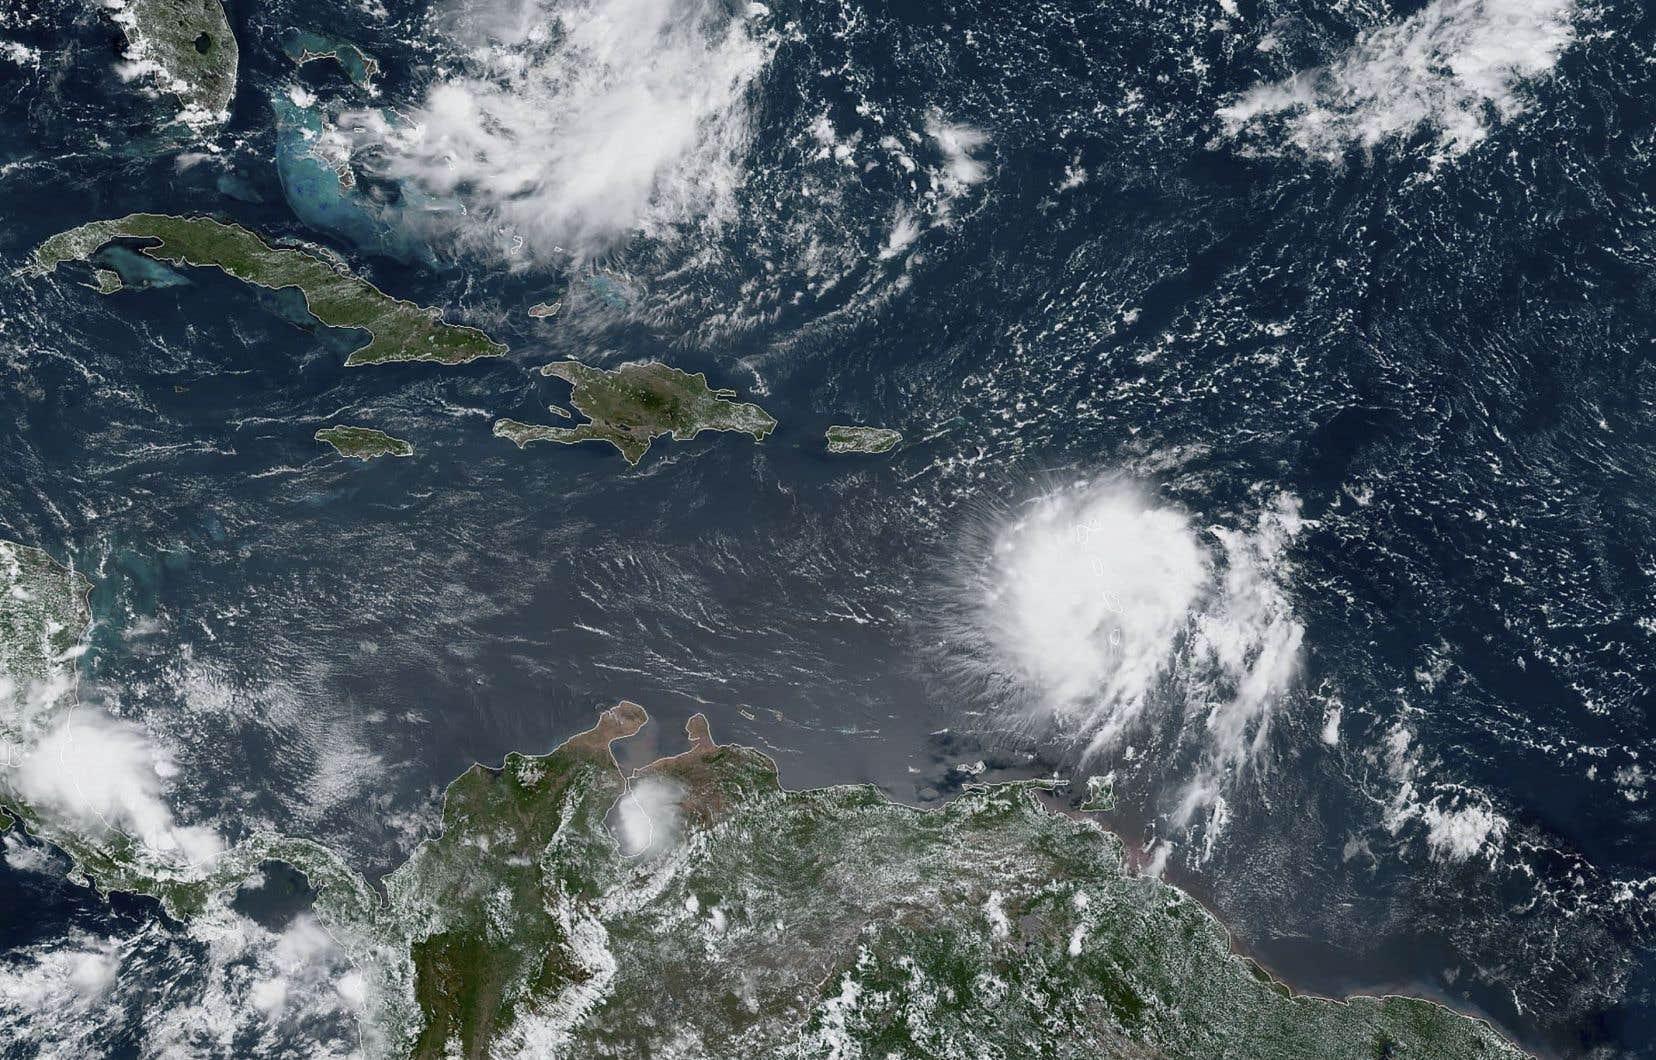 Mardi, en début d'après-midi, les vents de Dorian atteignaient les 85km/h alors que la tempête se dirigeait vers les Caraïbes, selon le NHC.